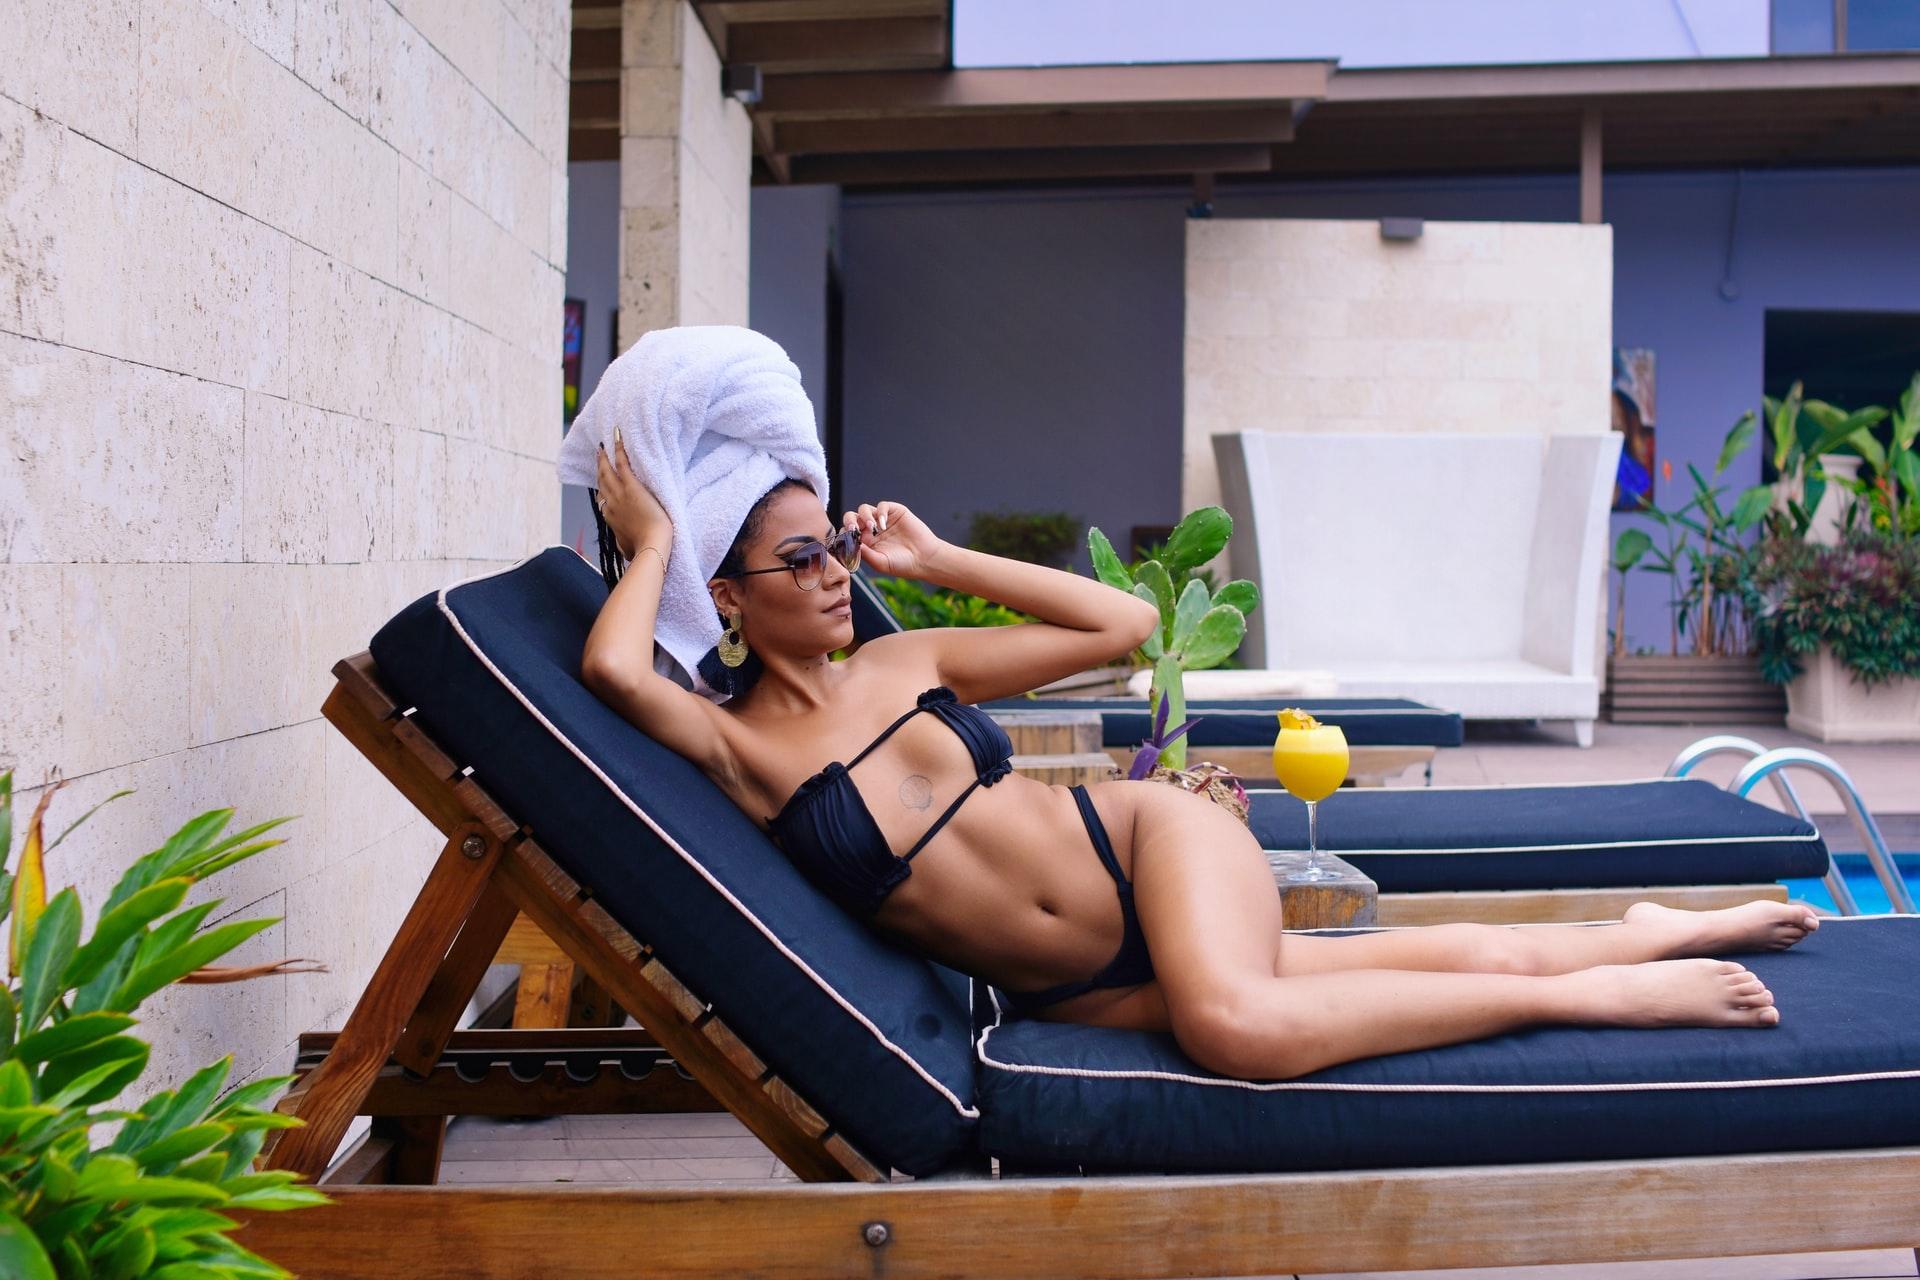 woman lying on sunlounge in bikini, towel on head, sunglasses on